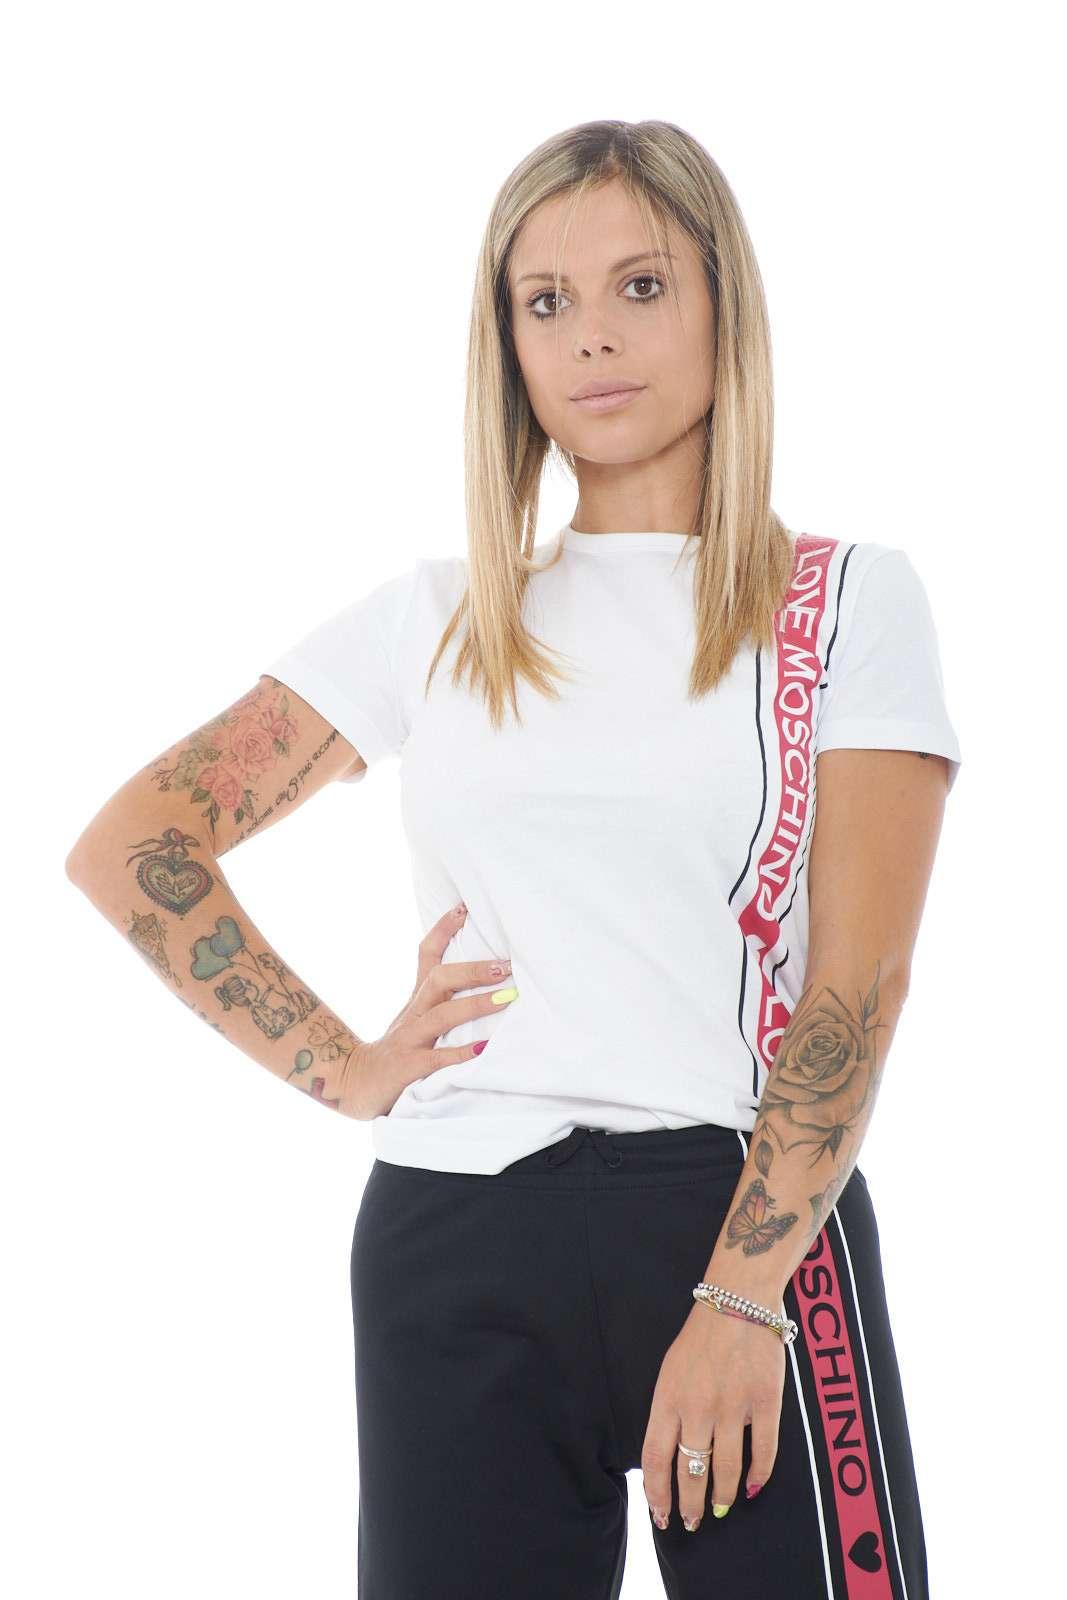 Semplice e di tendenza, questa t shirt firmata Love Moschino. Il look basic, è impreziosito solo da una fascia colorata, con il logo lettering del brand, per un tocco fashion ed esclusivo. Ideale per i tuoi outfit da routine.